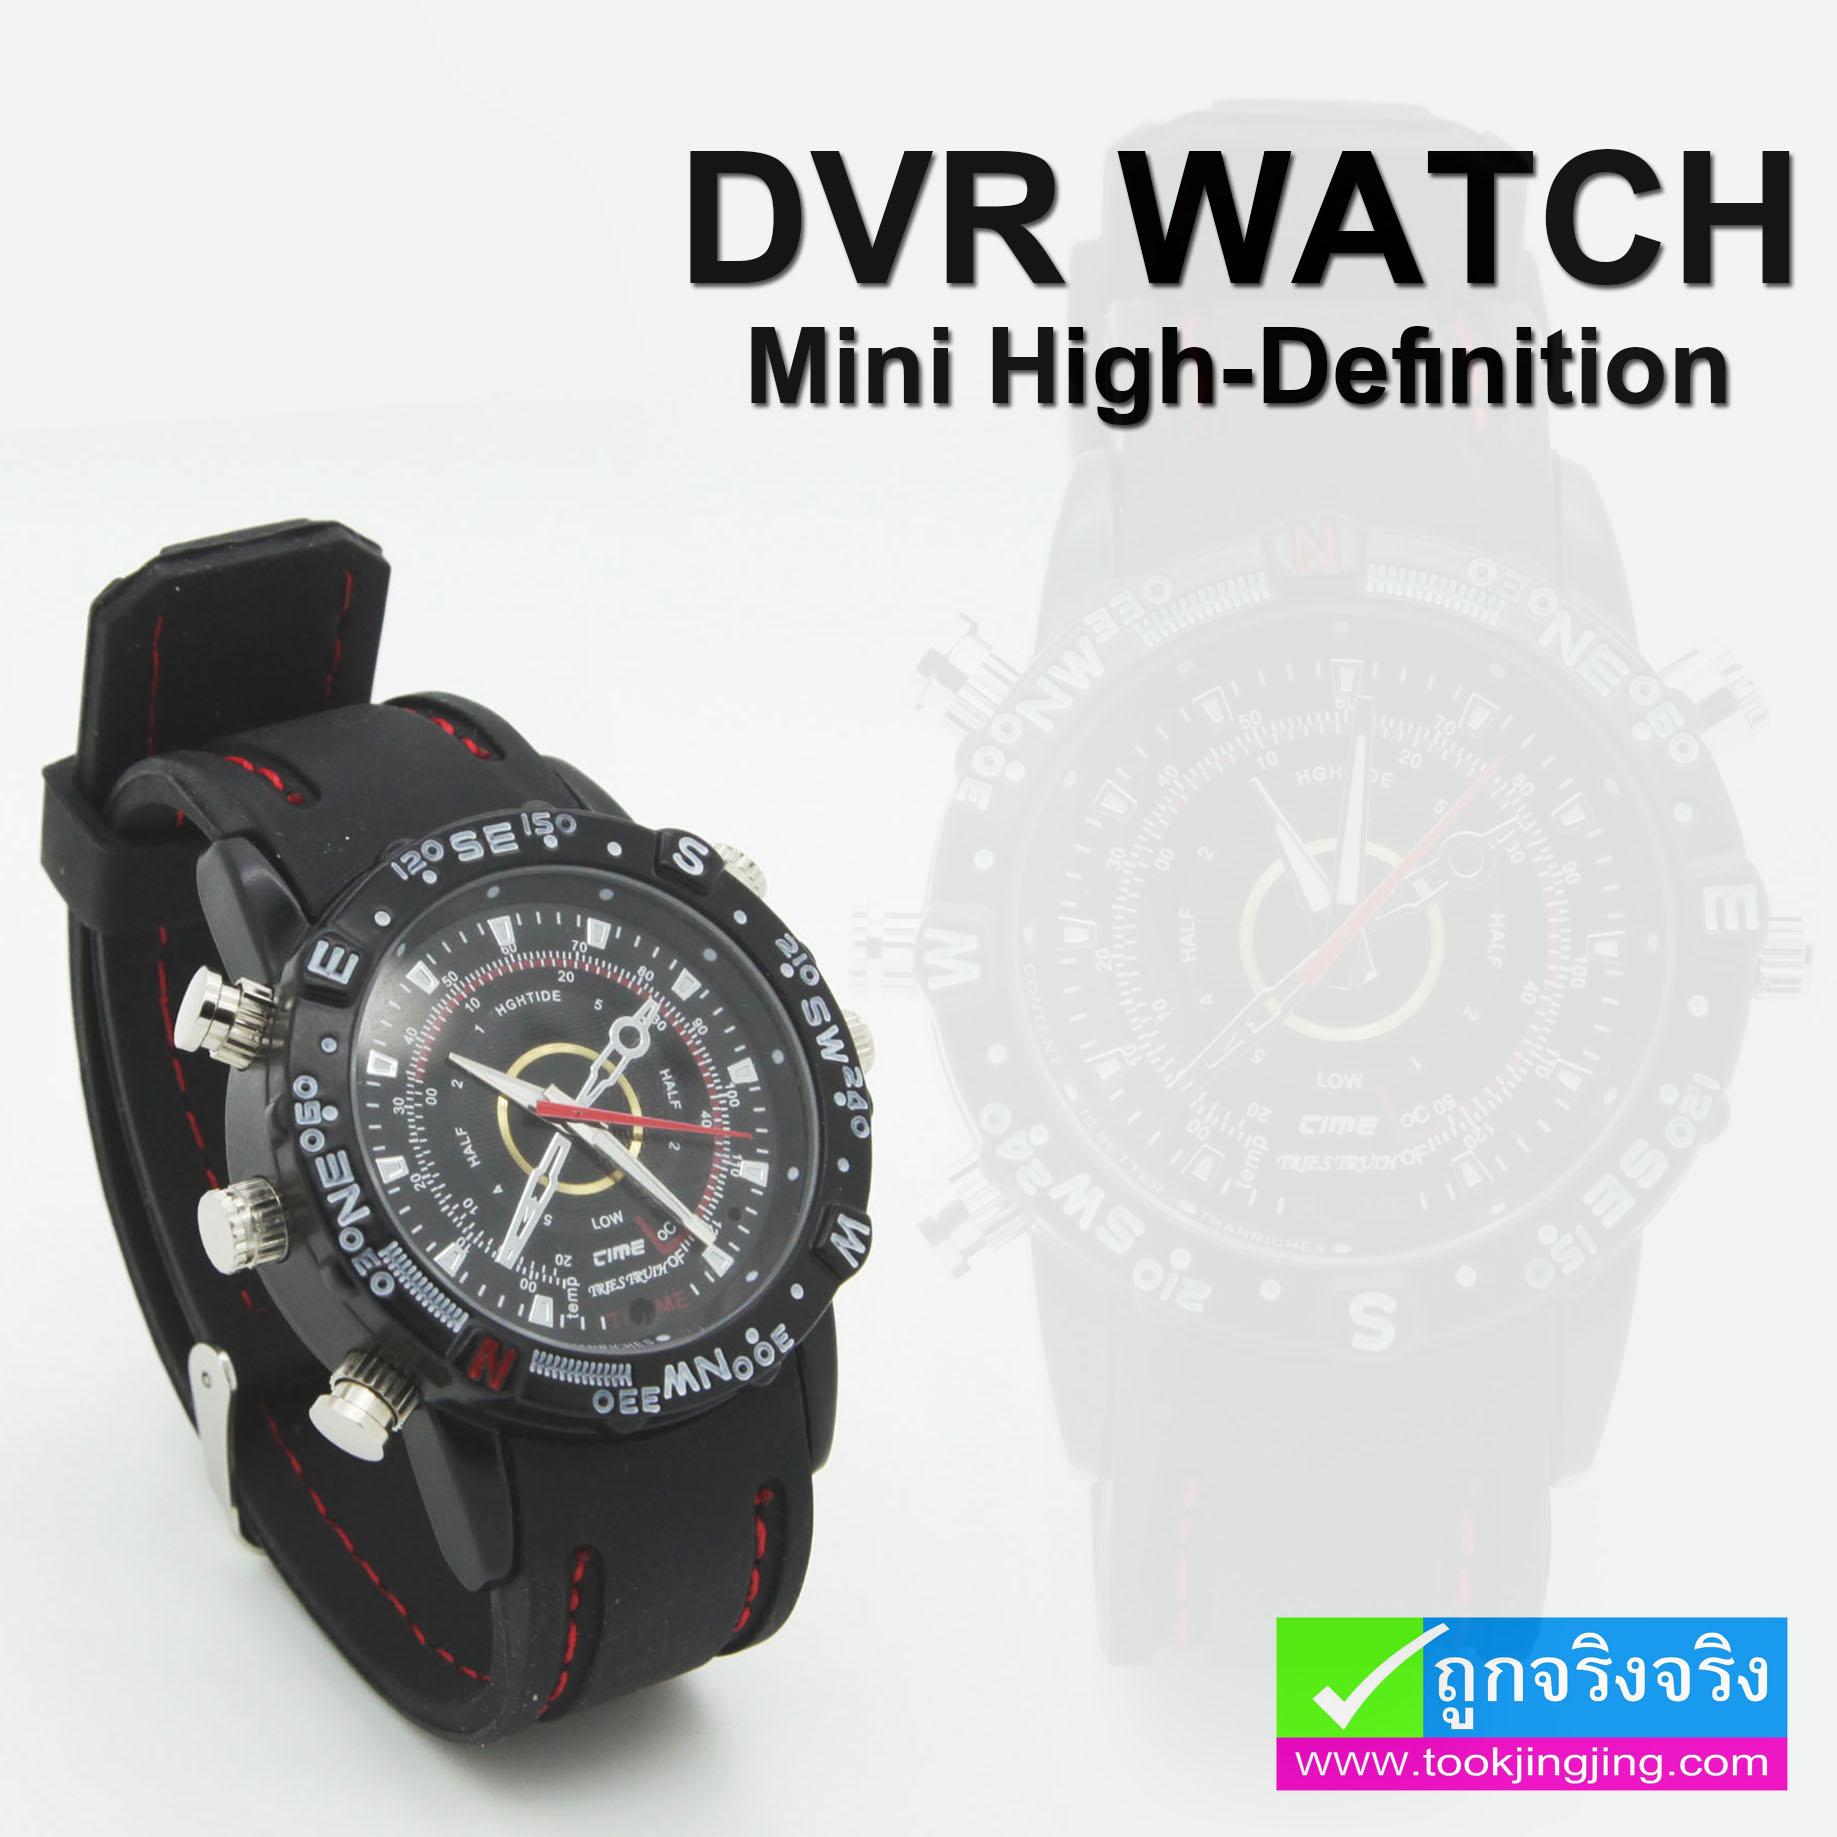 กล้องนาฬิกาข้อมือ DVR Watch ลดเหลือ 750 บาท ปกติ 1,950 บาท